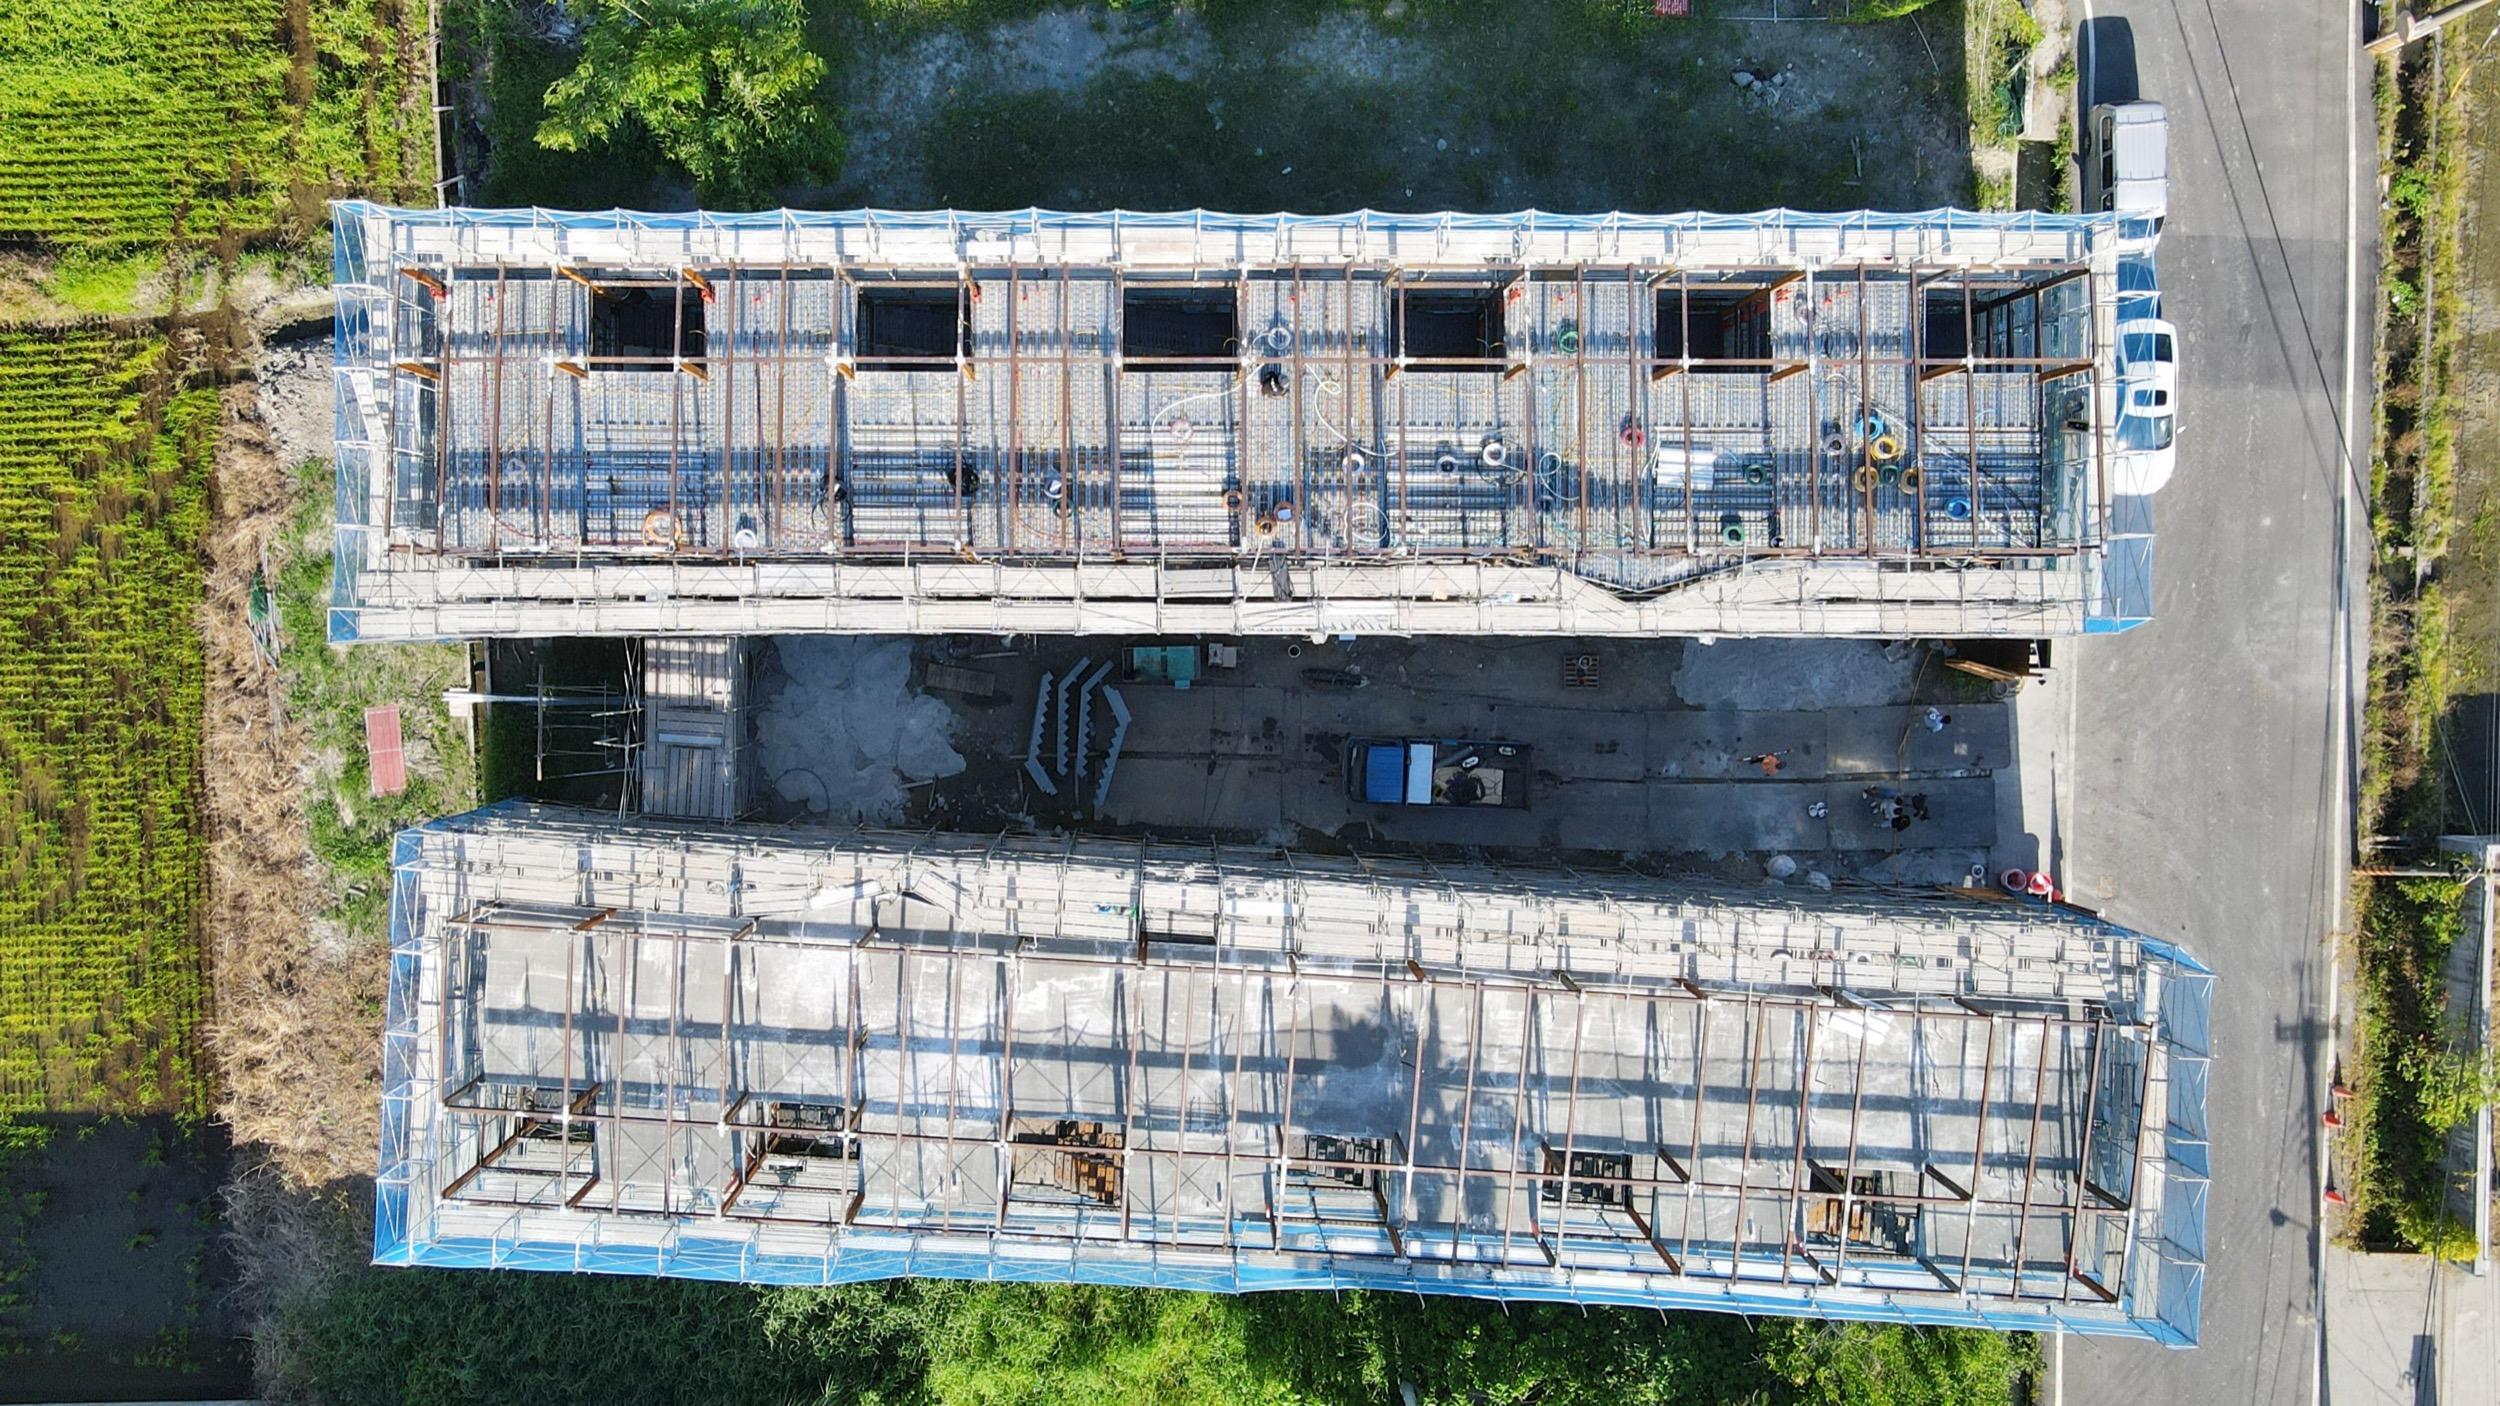 德築-DEZU-project-Zuxing-architecture-real-estate-engineering-11